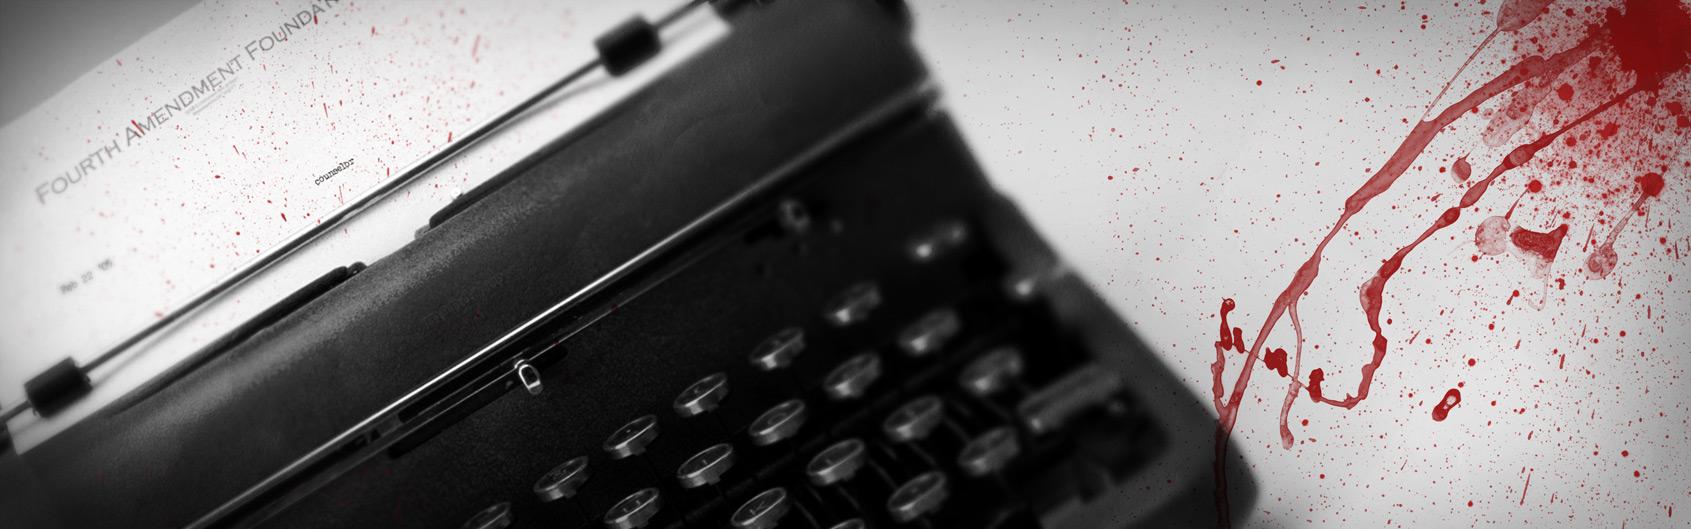 Hsttypewriterweb